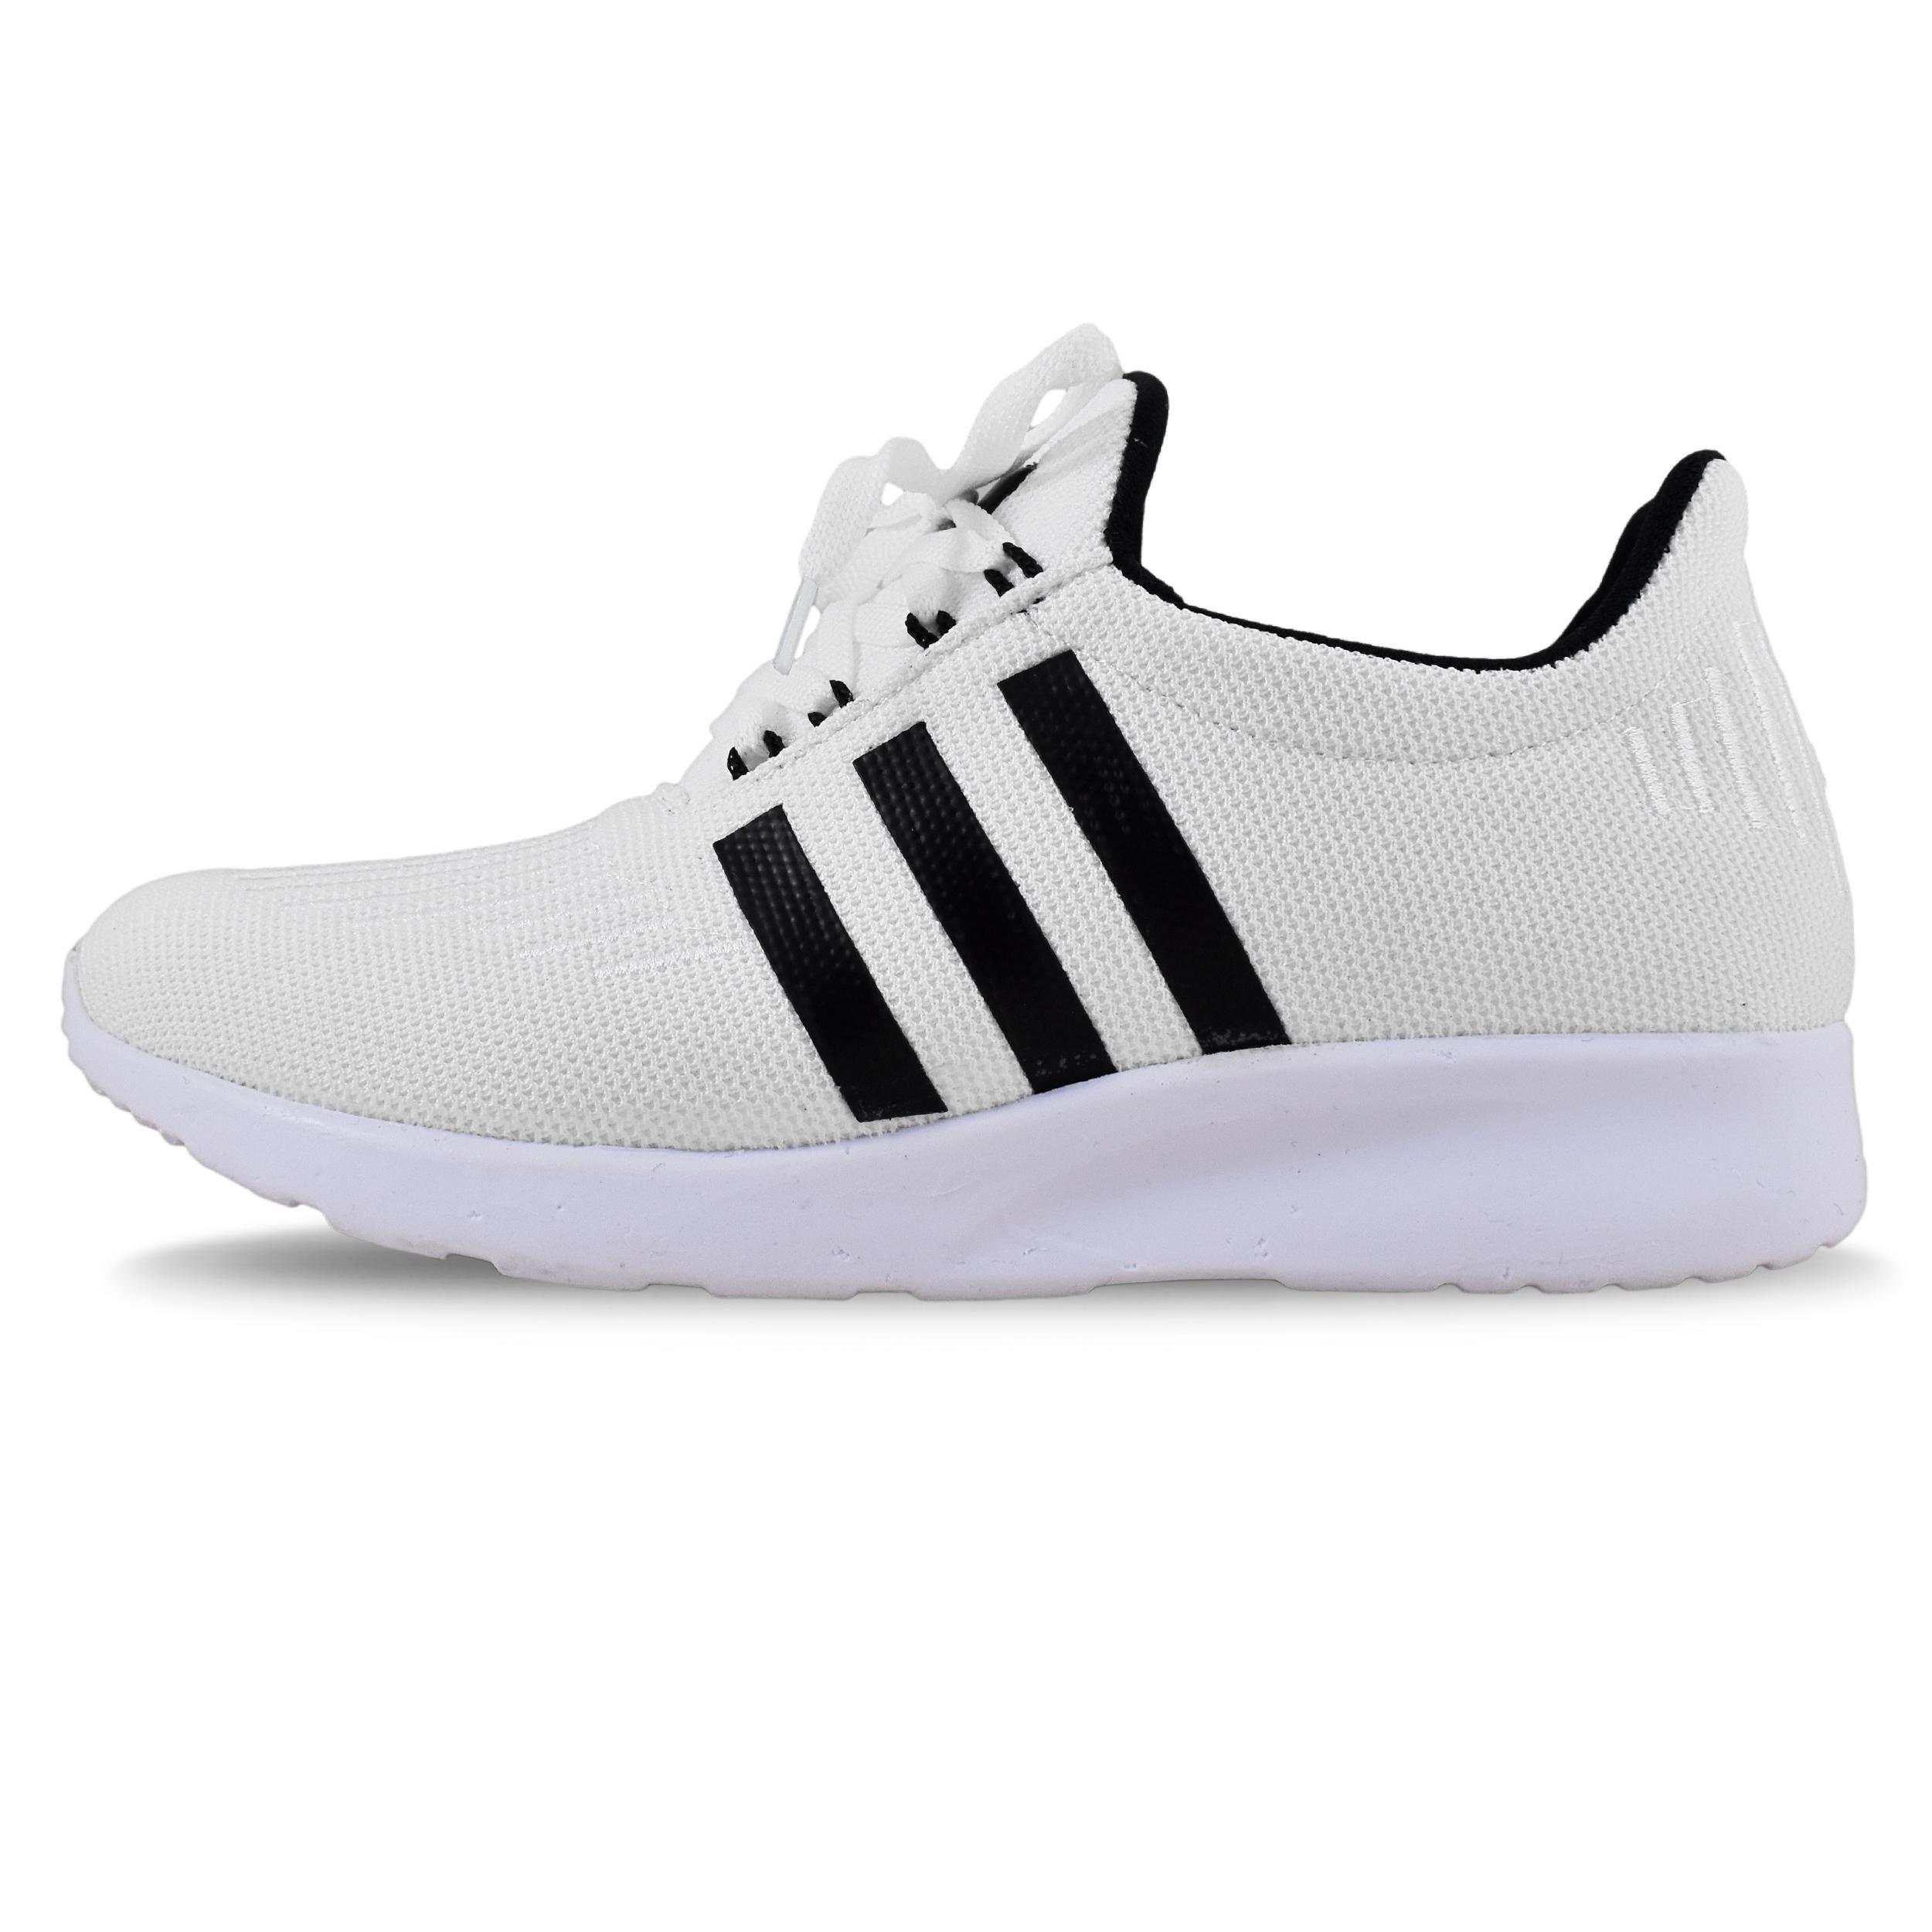 قیمت کفش مخصوص پیاده روی مردانه مدل آرکا کد 4174